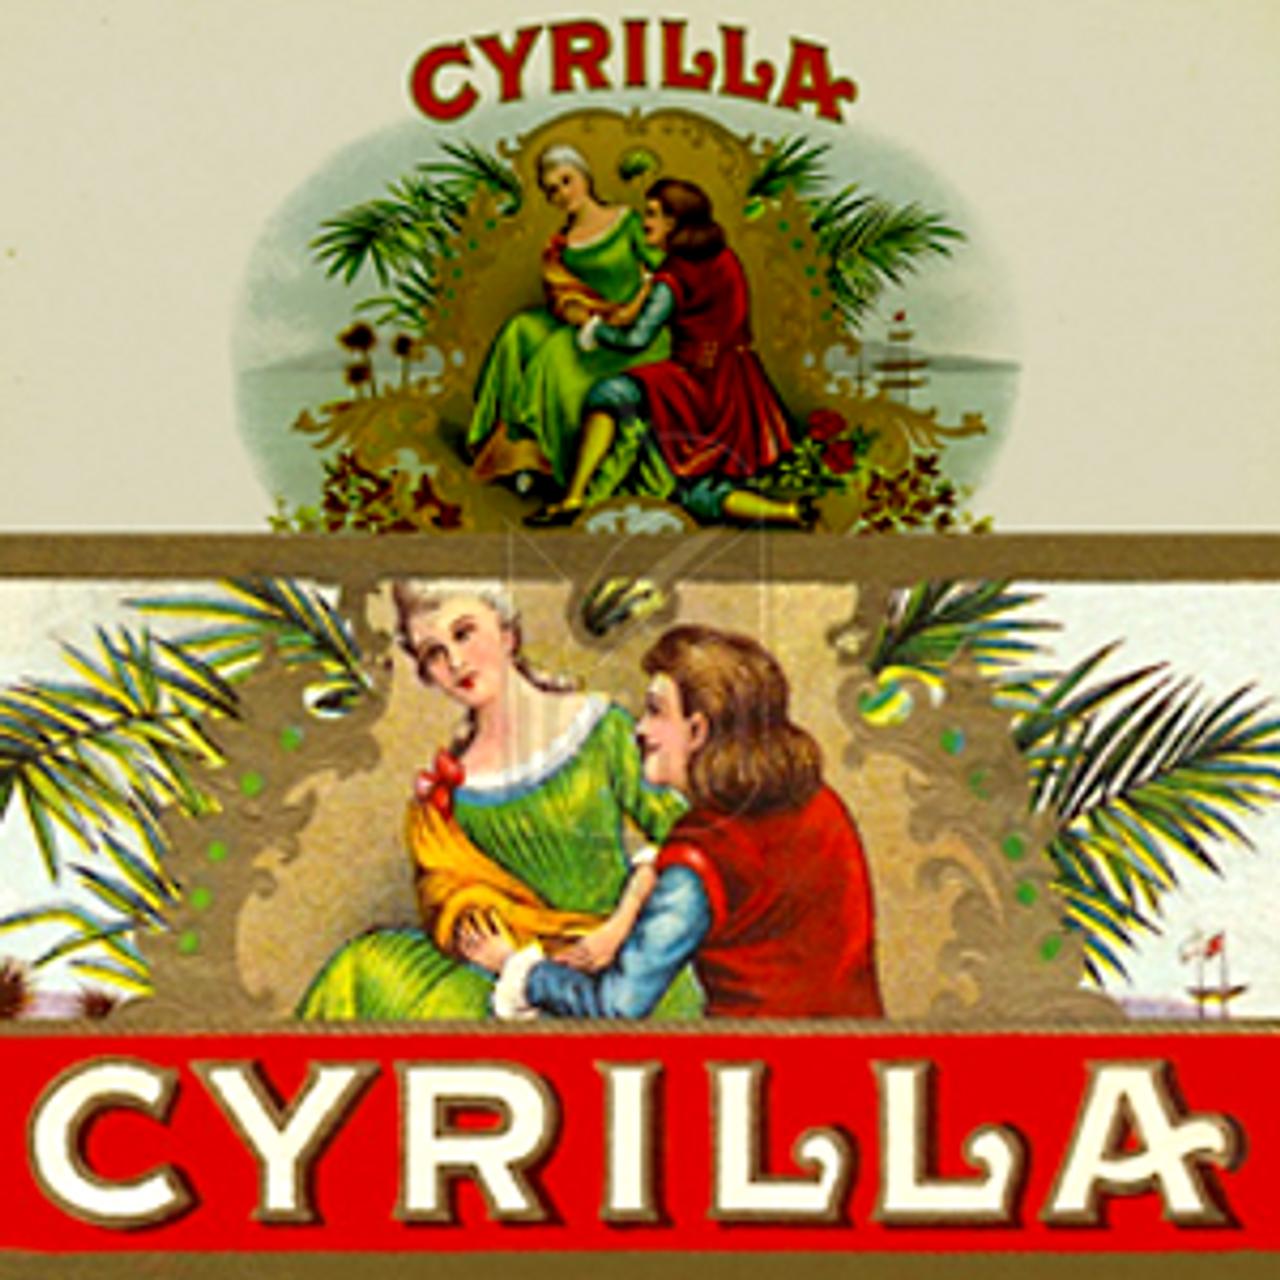 Cyrilla Kings Cigars - Maduro Cigars - 7 x 46 (Box of 25)